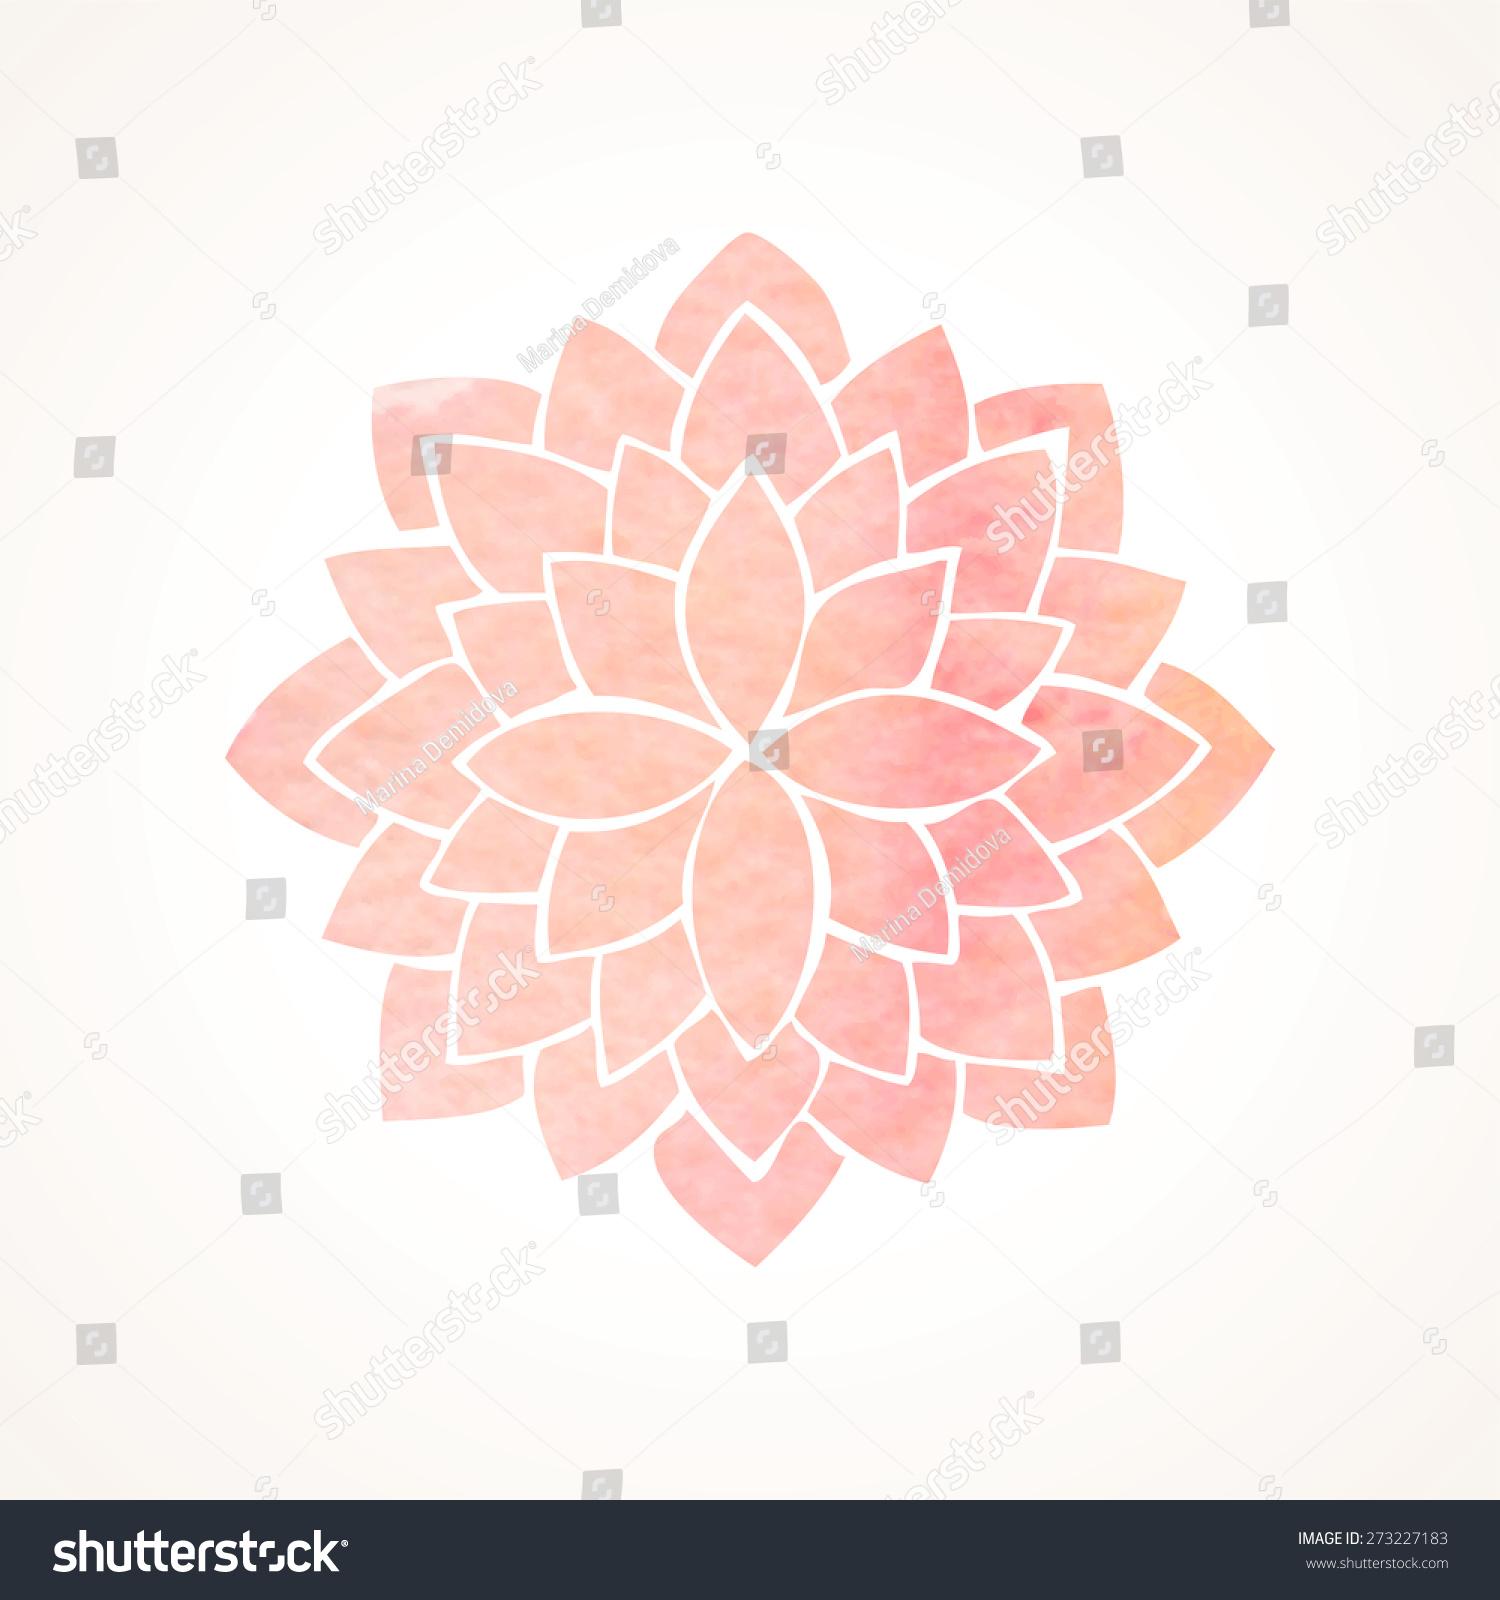 Chinese lotus flower pattern chinese lotus flower pattern photo10 izmirmasajfo